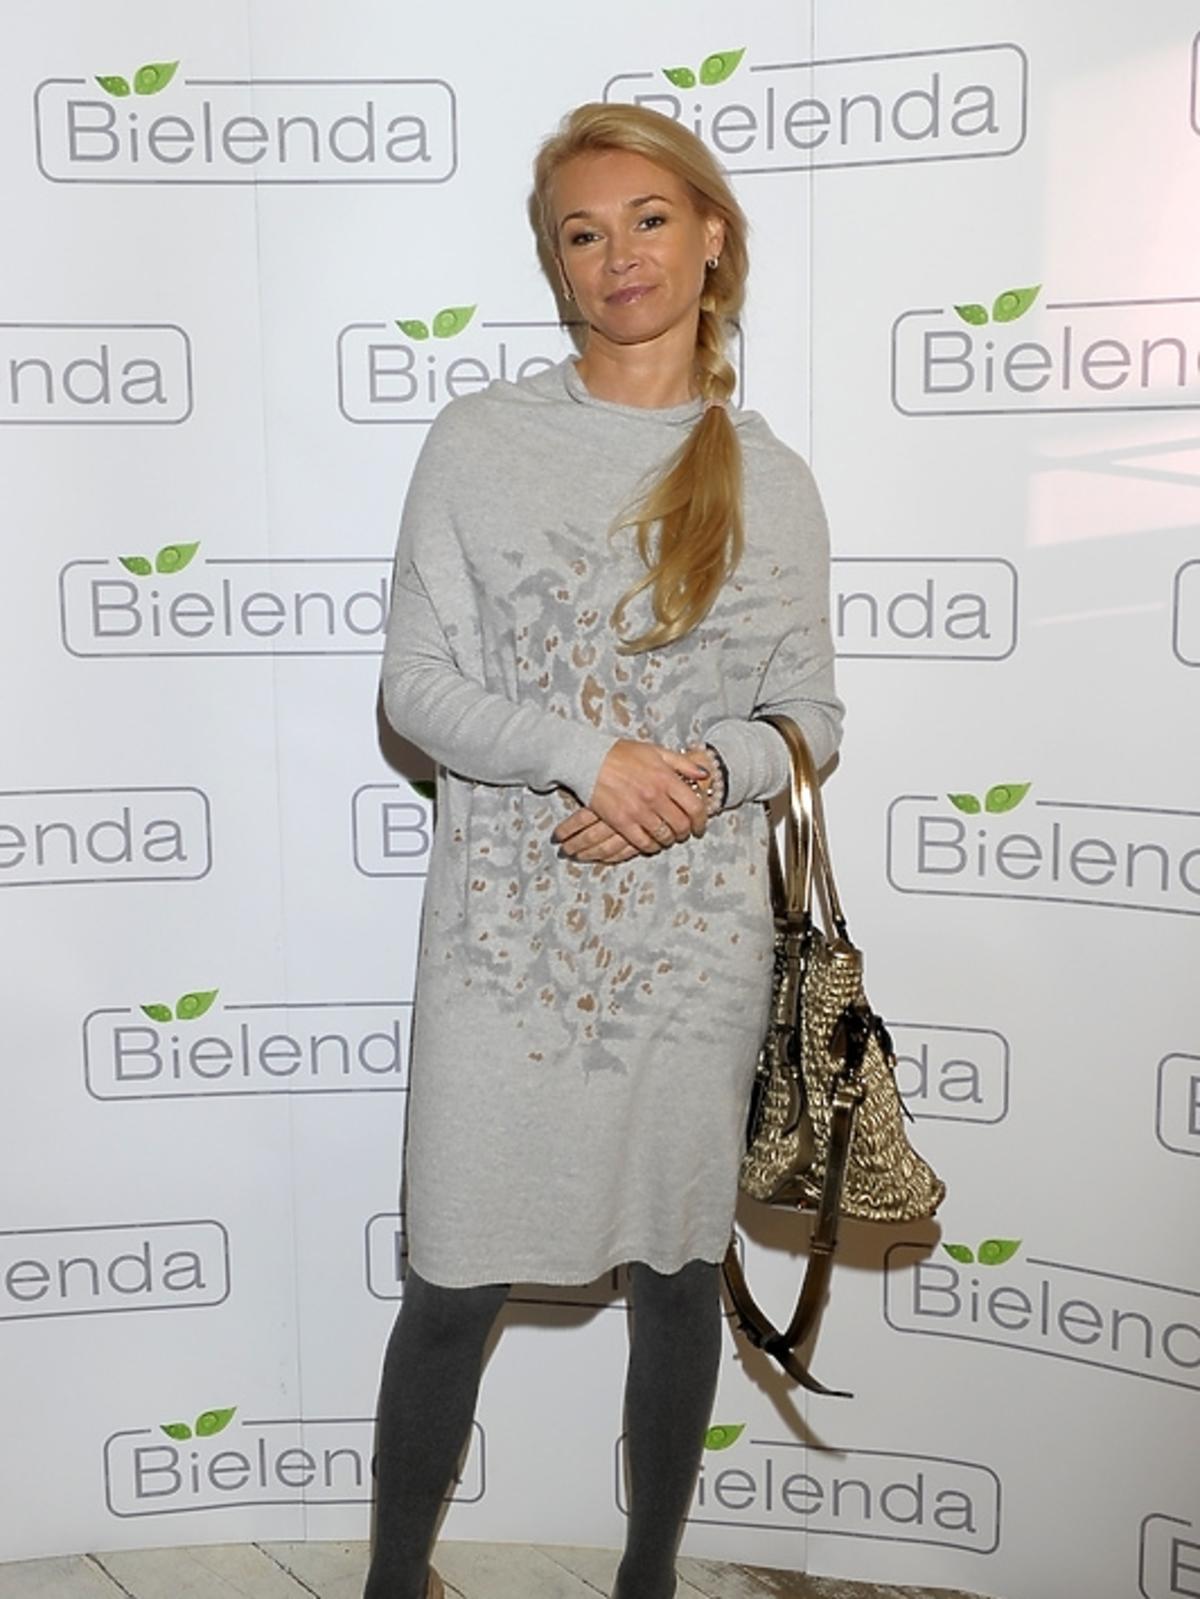 Ewa Pacuła na prezentacji kosmetyków marki Bielenda